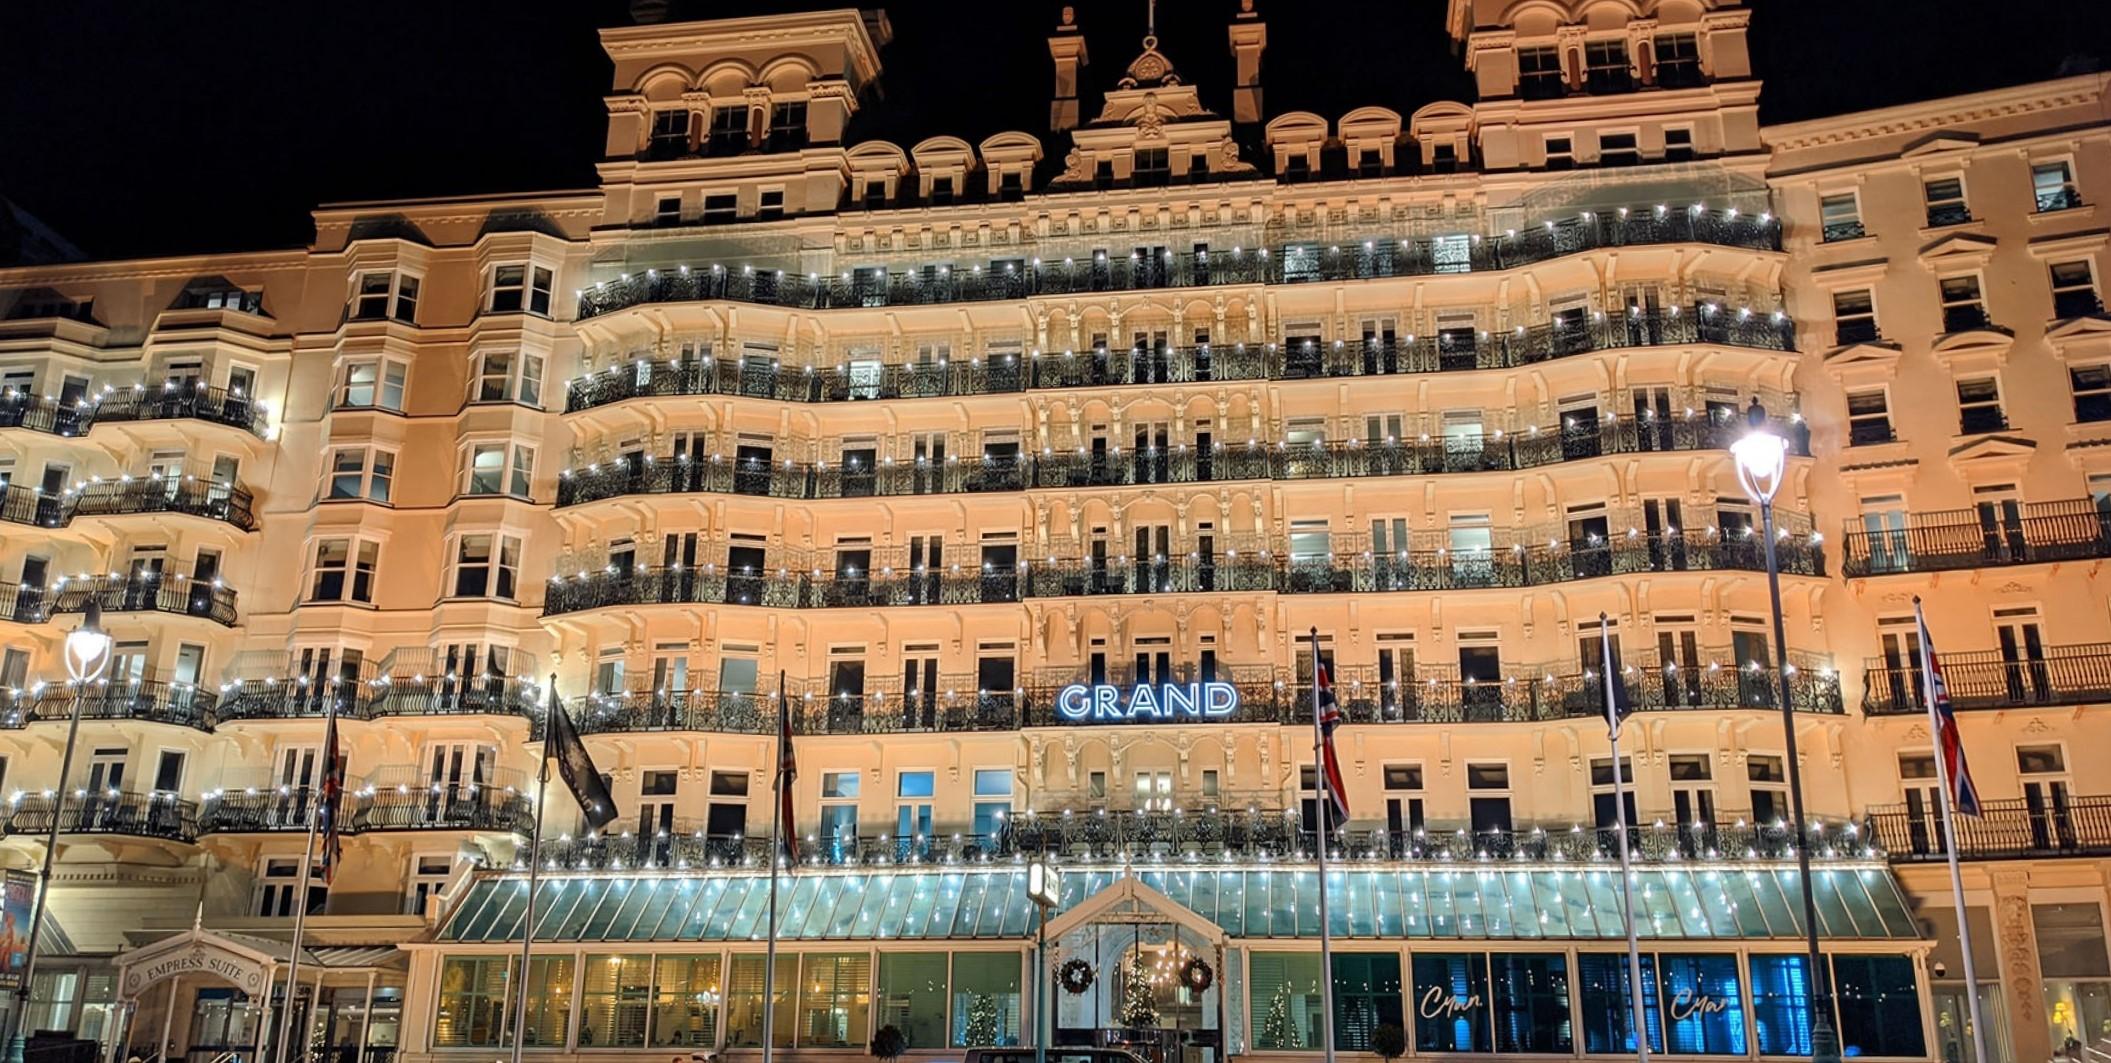 Lighting Solutions for Hospitality - LTP Integration - (C) Neha Kher